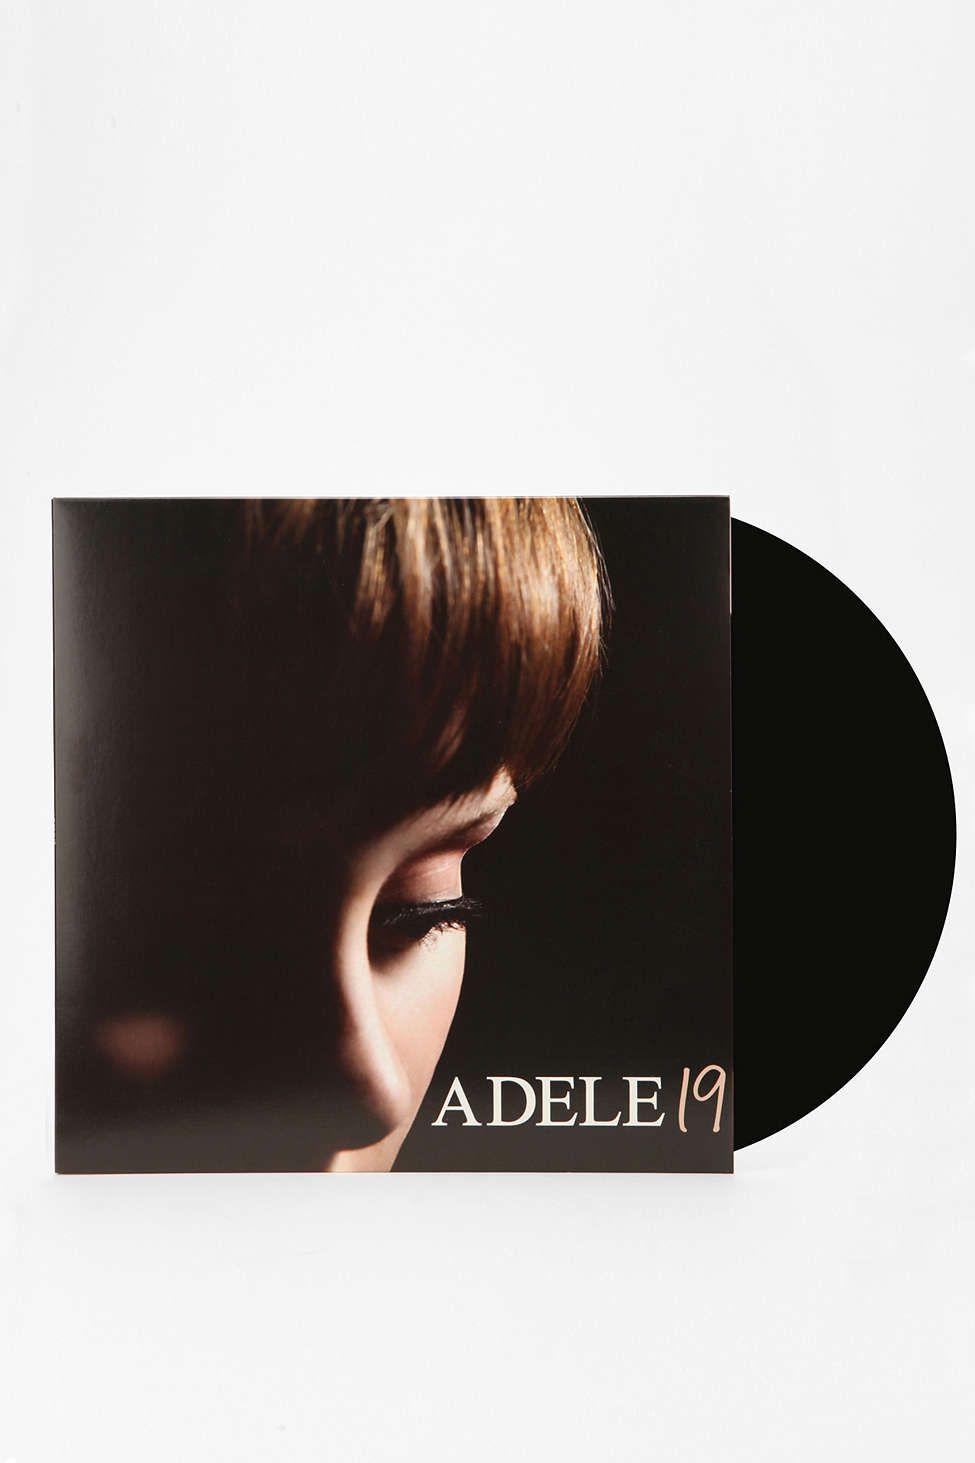 Adele 19 Lp Mp3 Adele 19 Adele Albums Adele